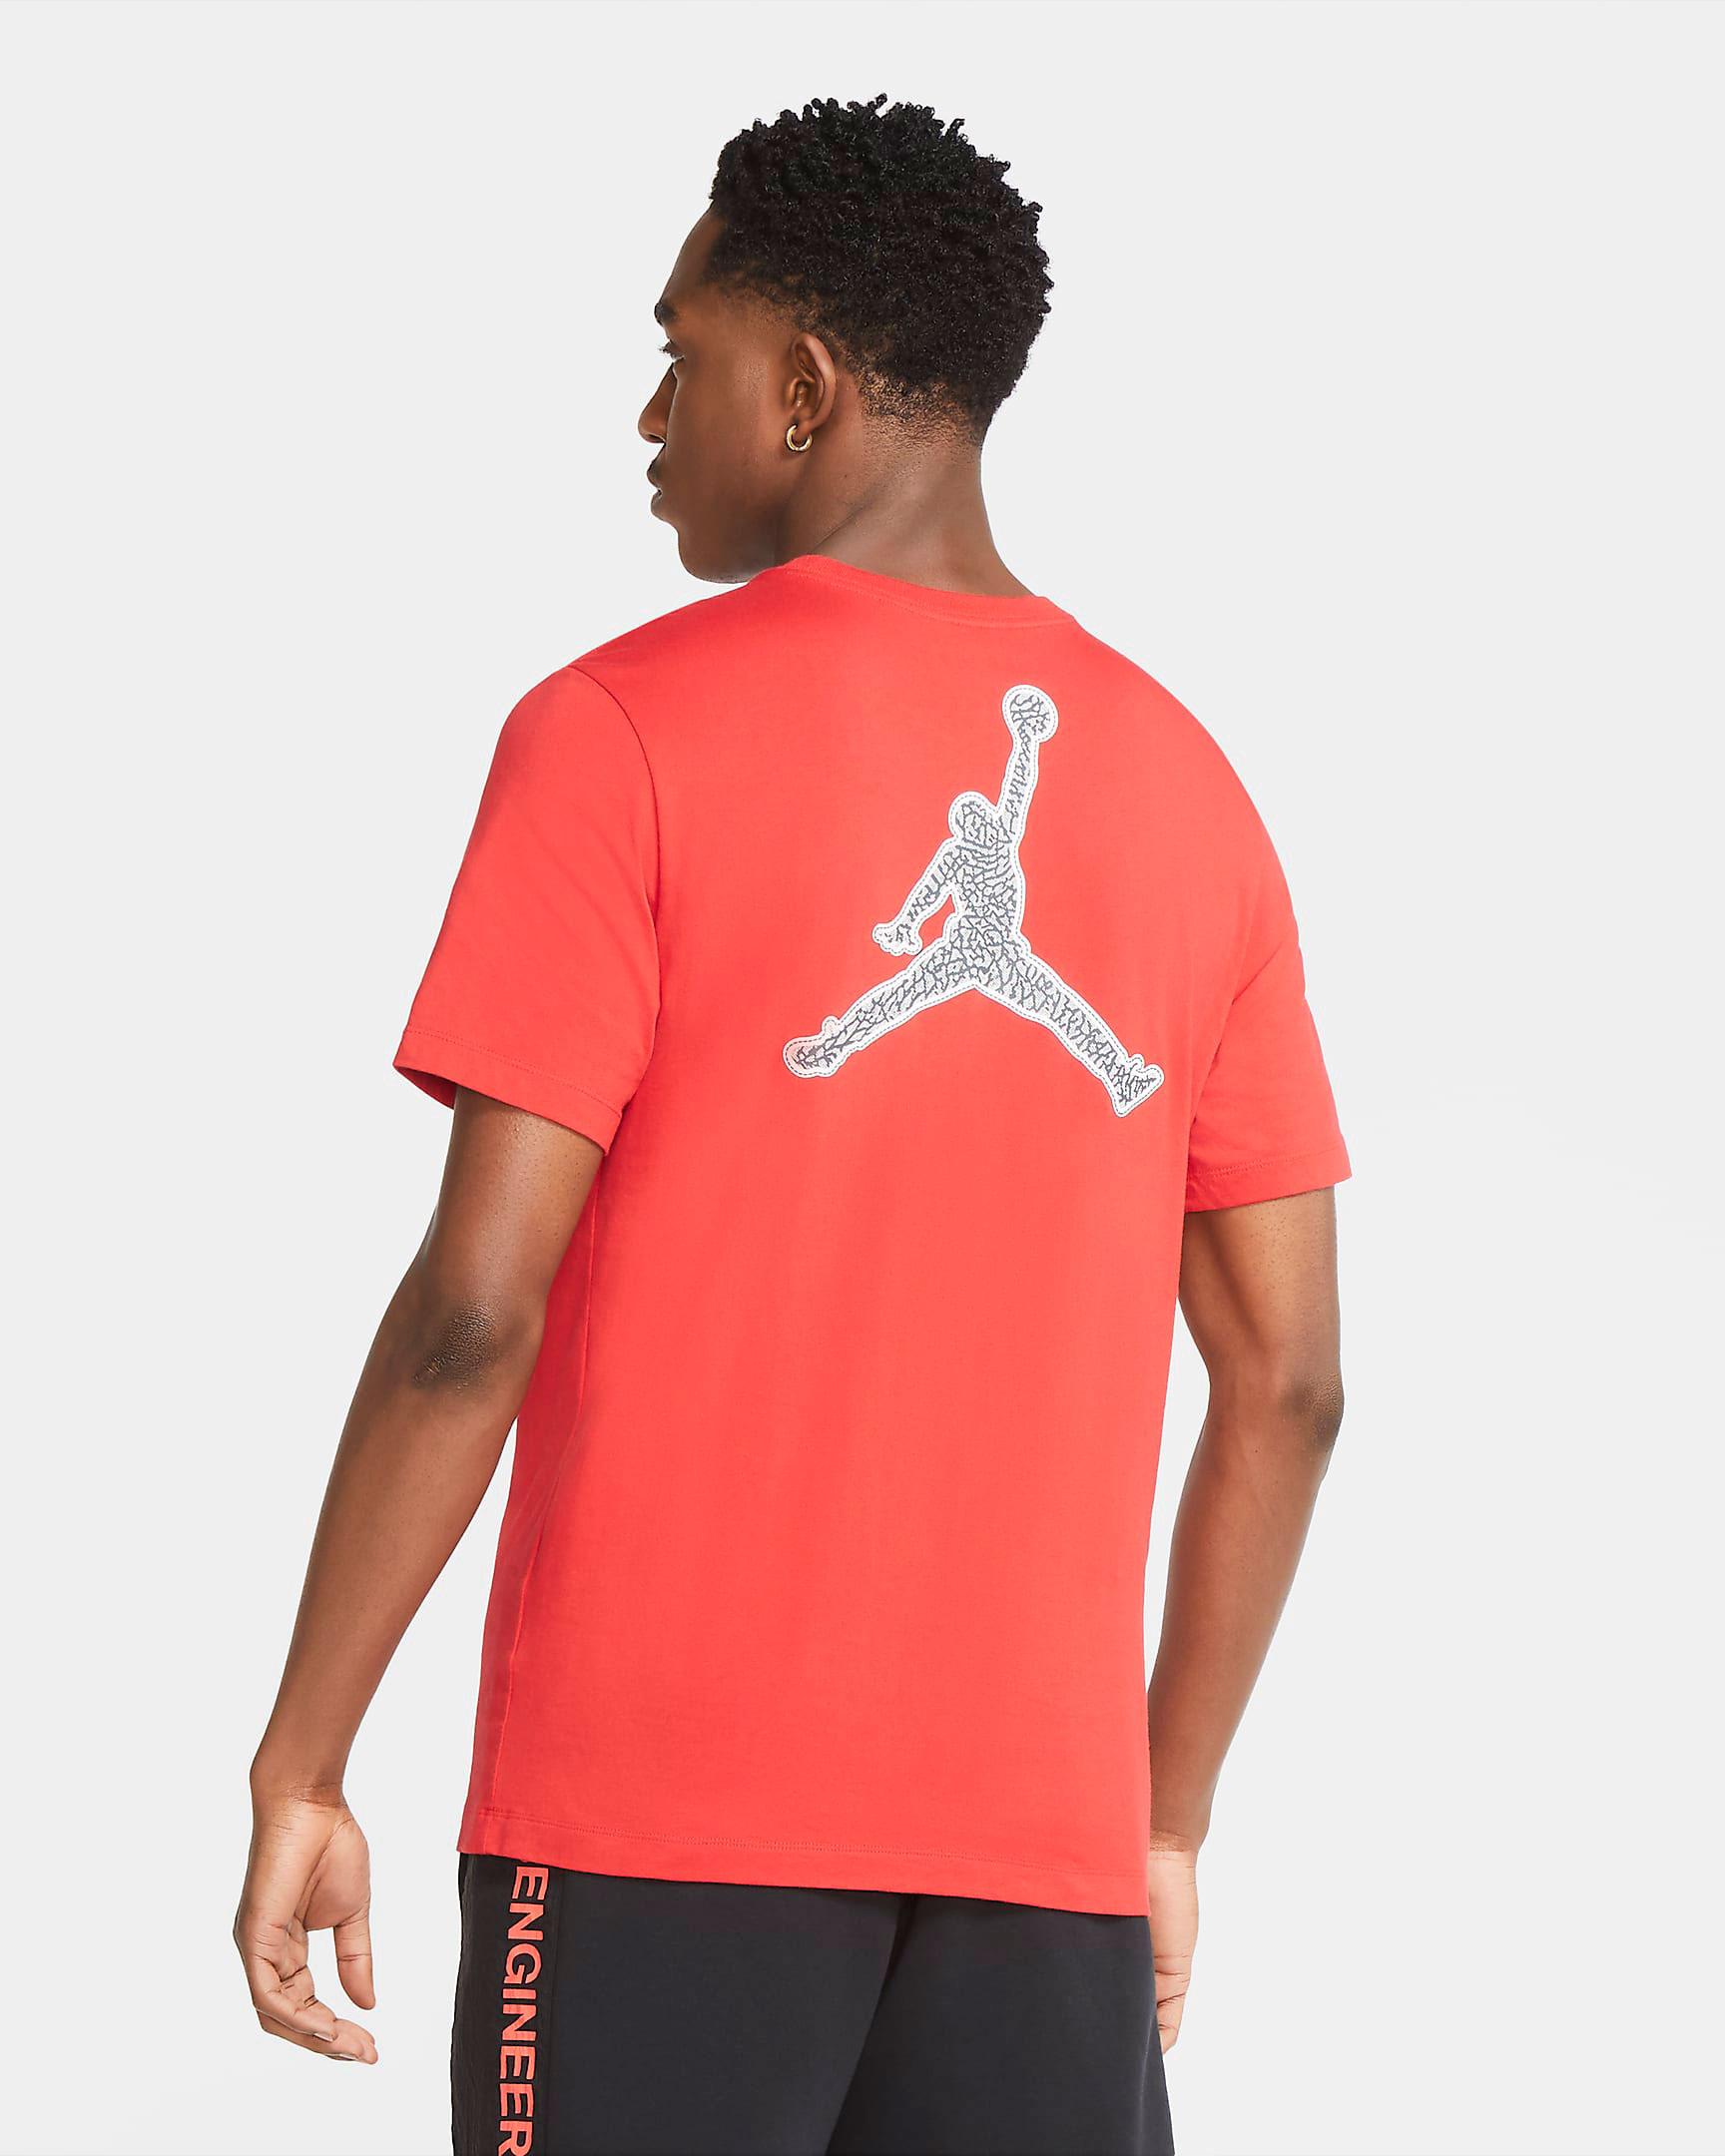 air-jordan-3-denim-fire-red-shirt-2